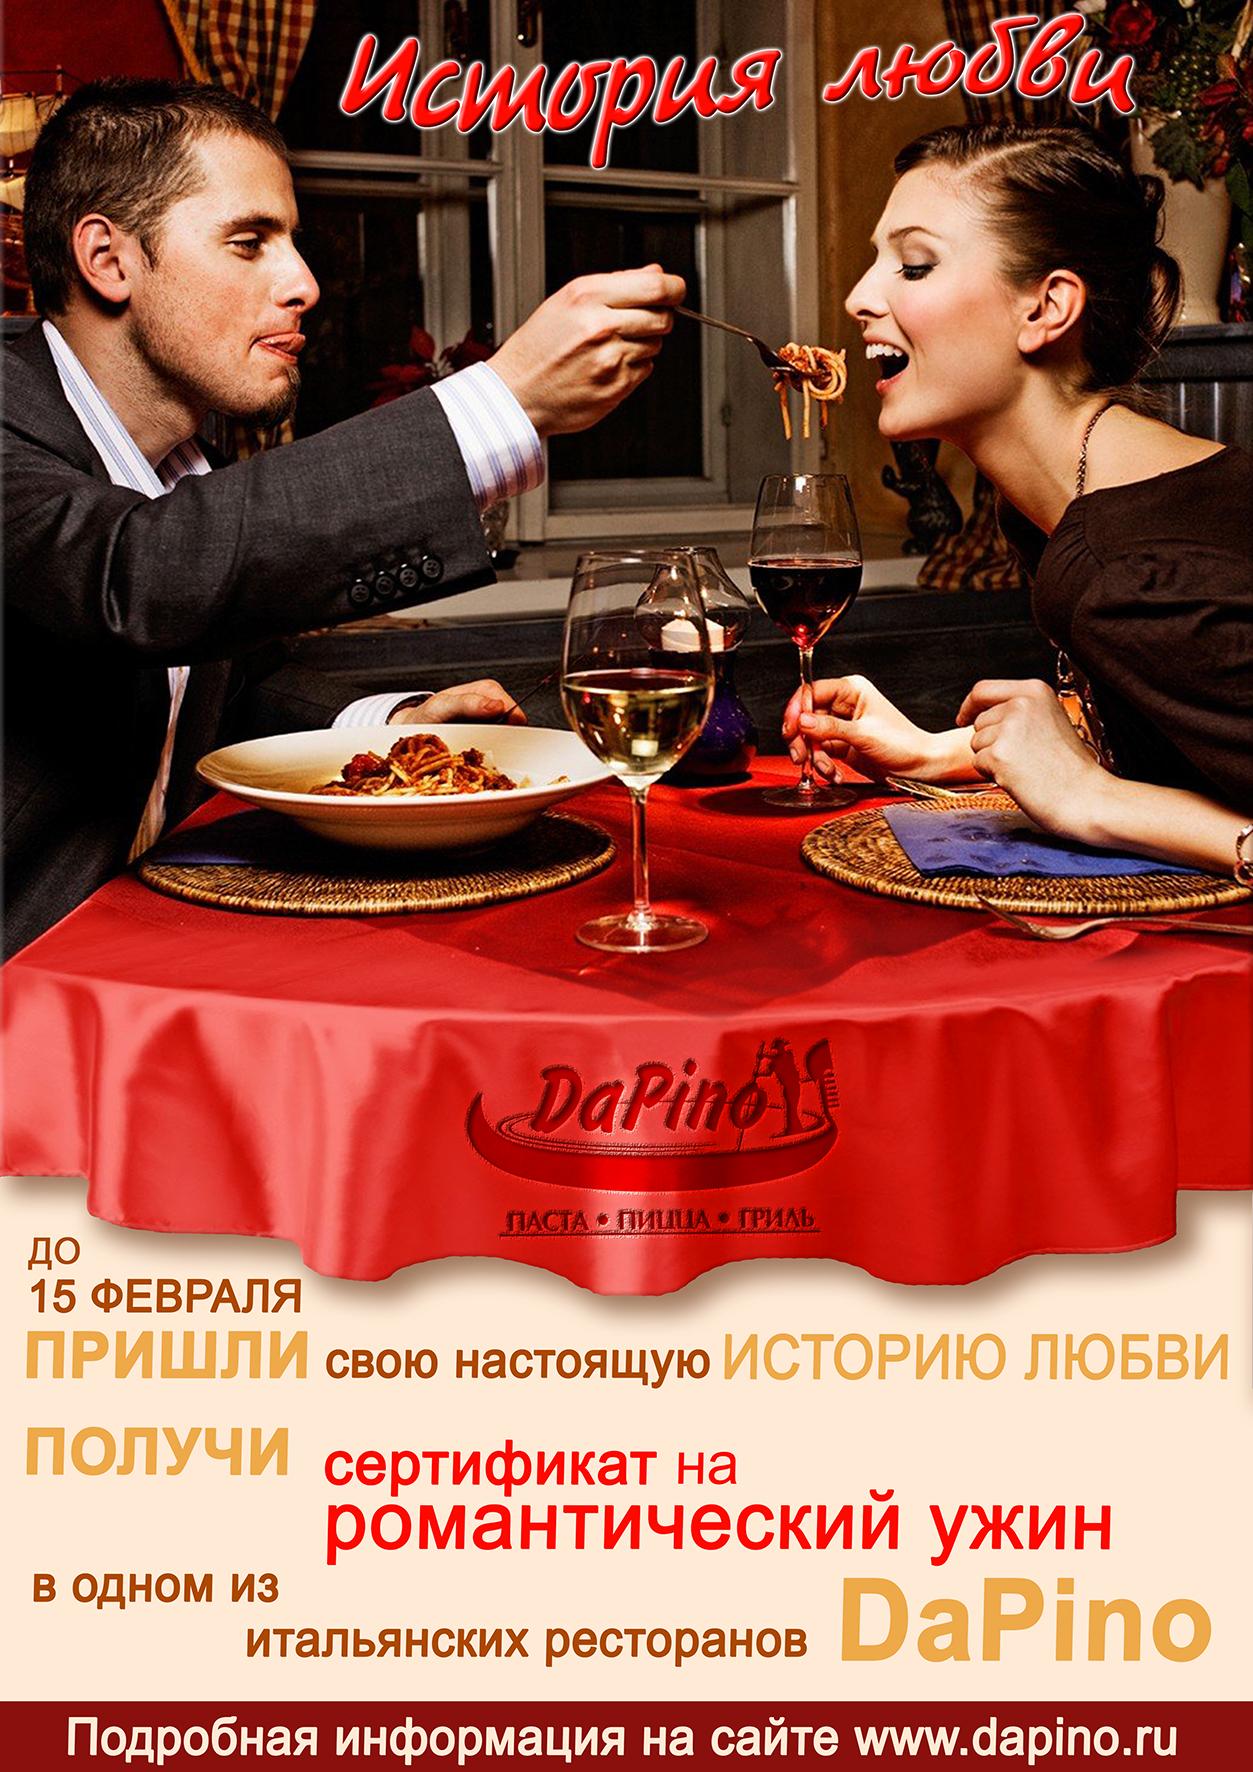 Романтический ужин рассказ 2 фотография